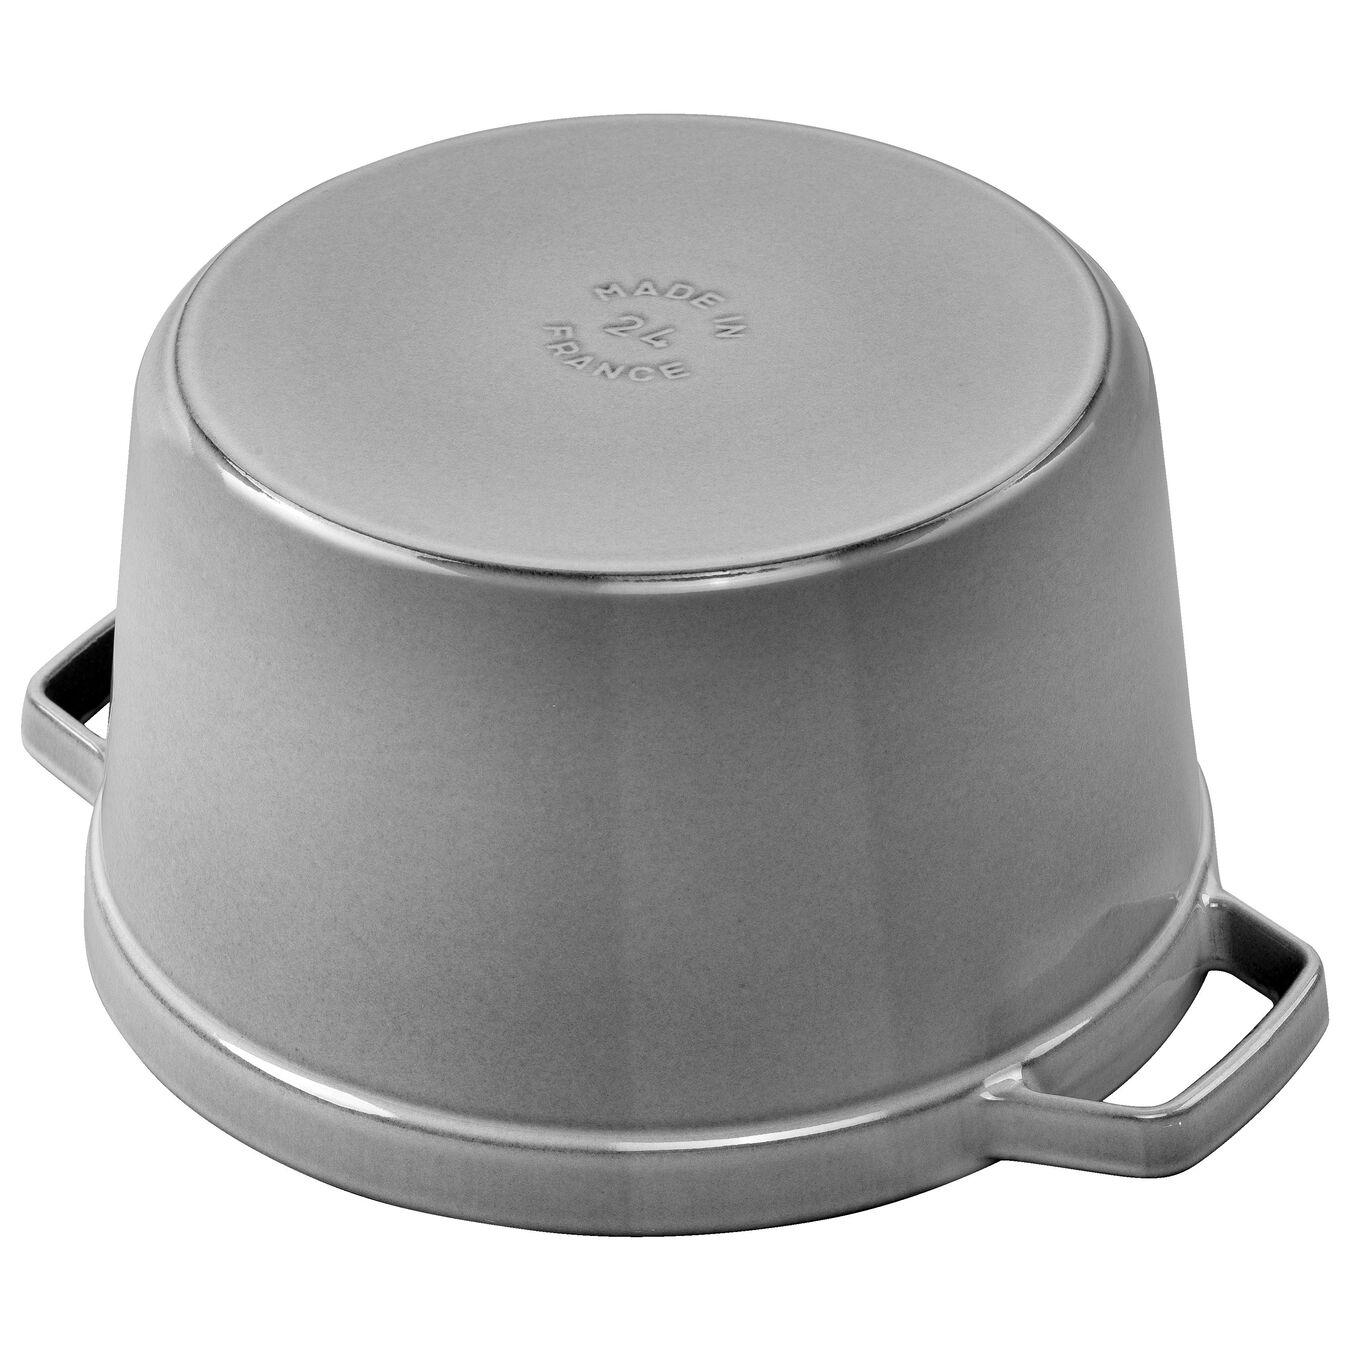 4,75 l Cast iron round Poêle à frire en fonte, Graphite-Grey,,large 2